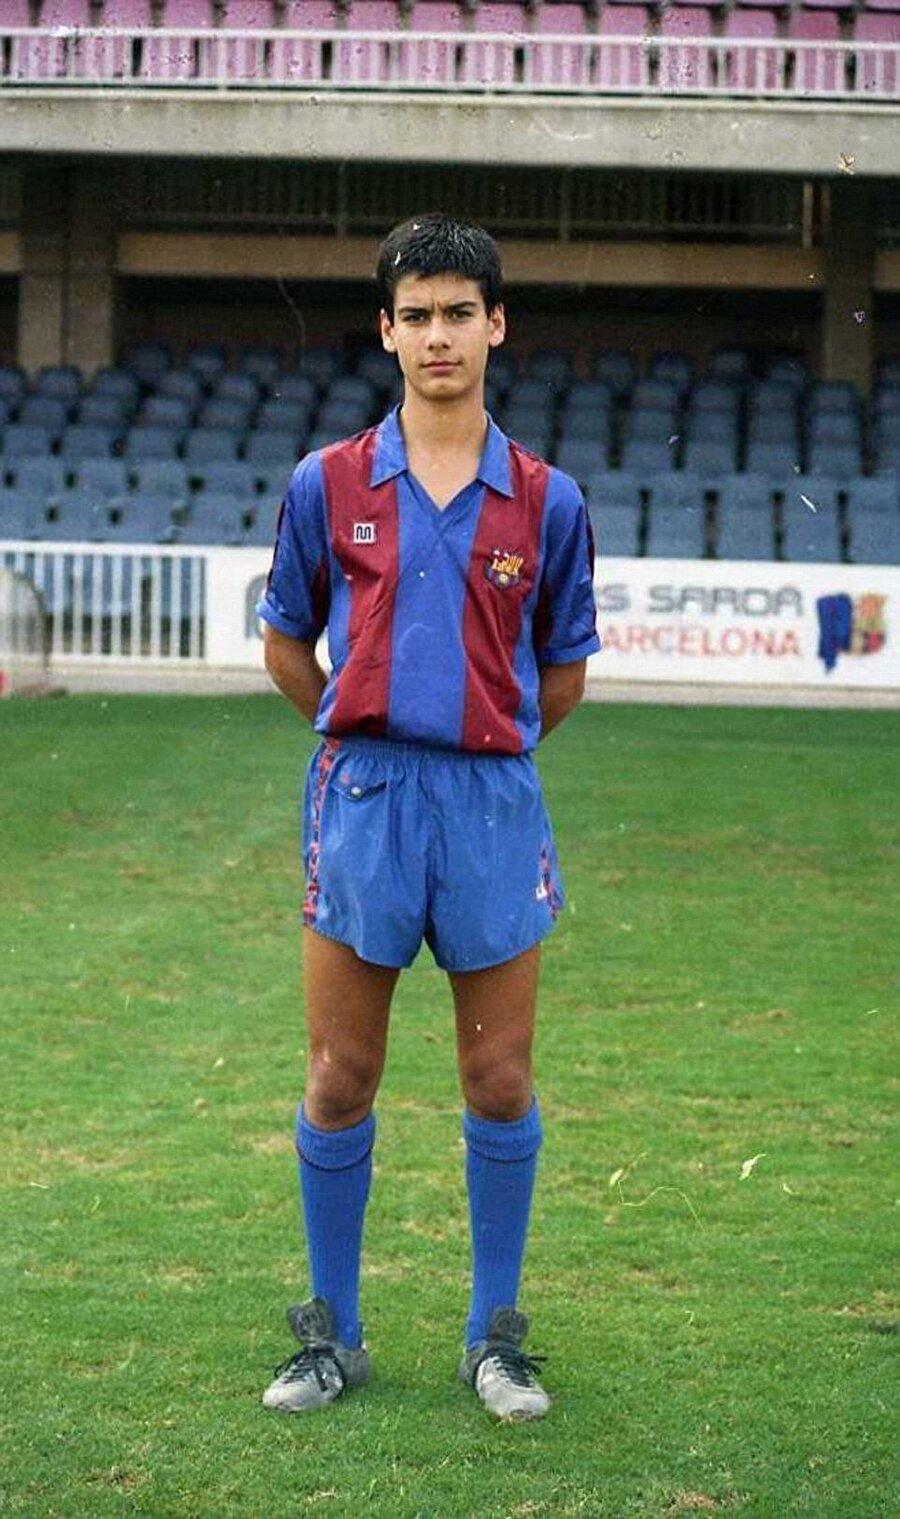 Küçük yaşta futbola merak saran Guardiola, Gimnàstic de Manresa takımında amatör kariyerine başladı. Guardiola henüz 13 yaşındayken Barcelona altyapısına transfer oldu.